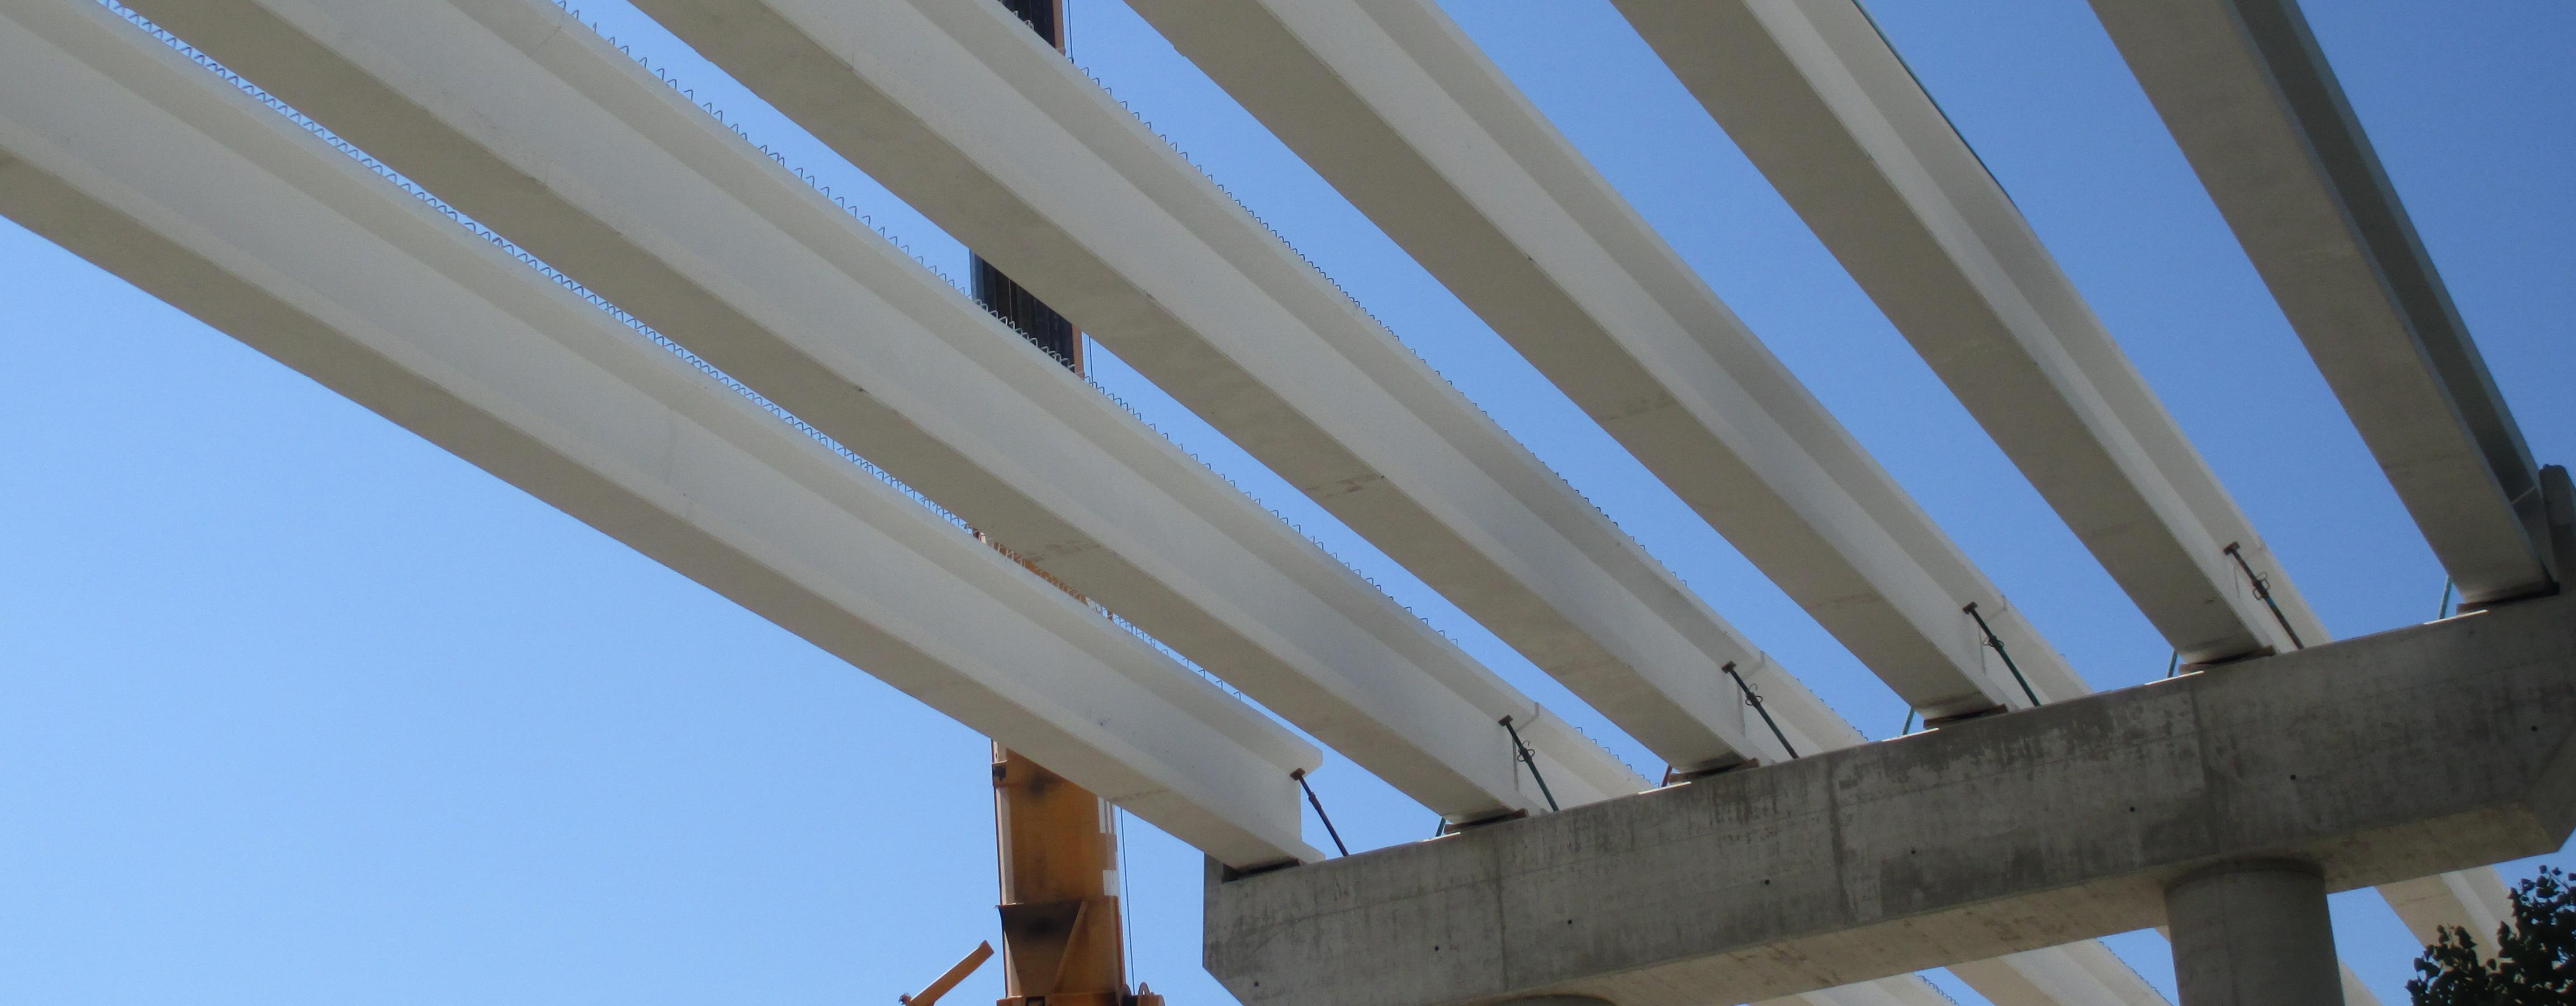 Vigas doble T en tablero de puente